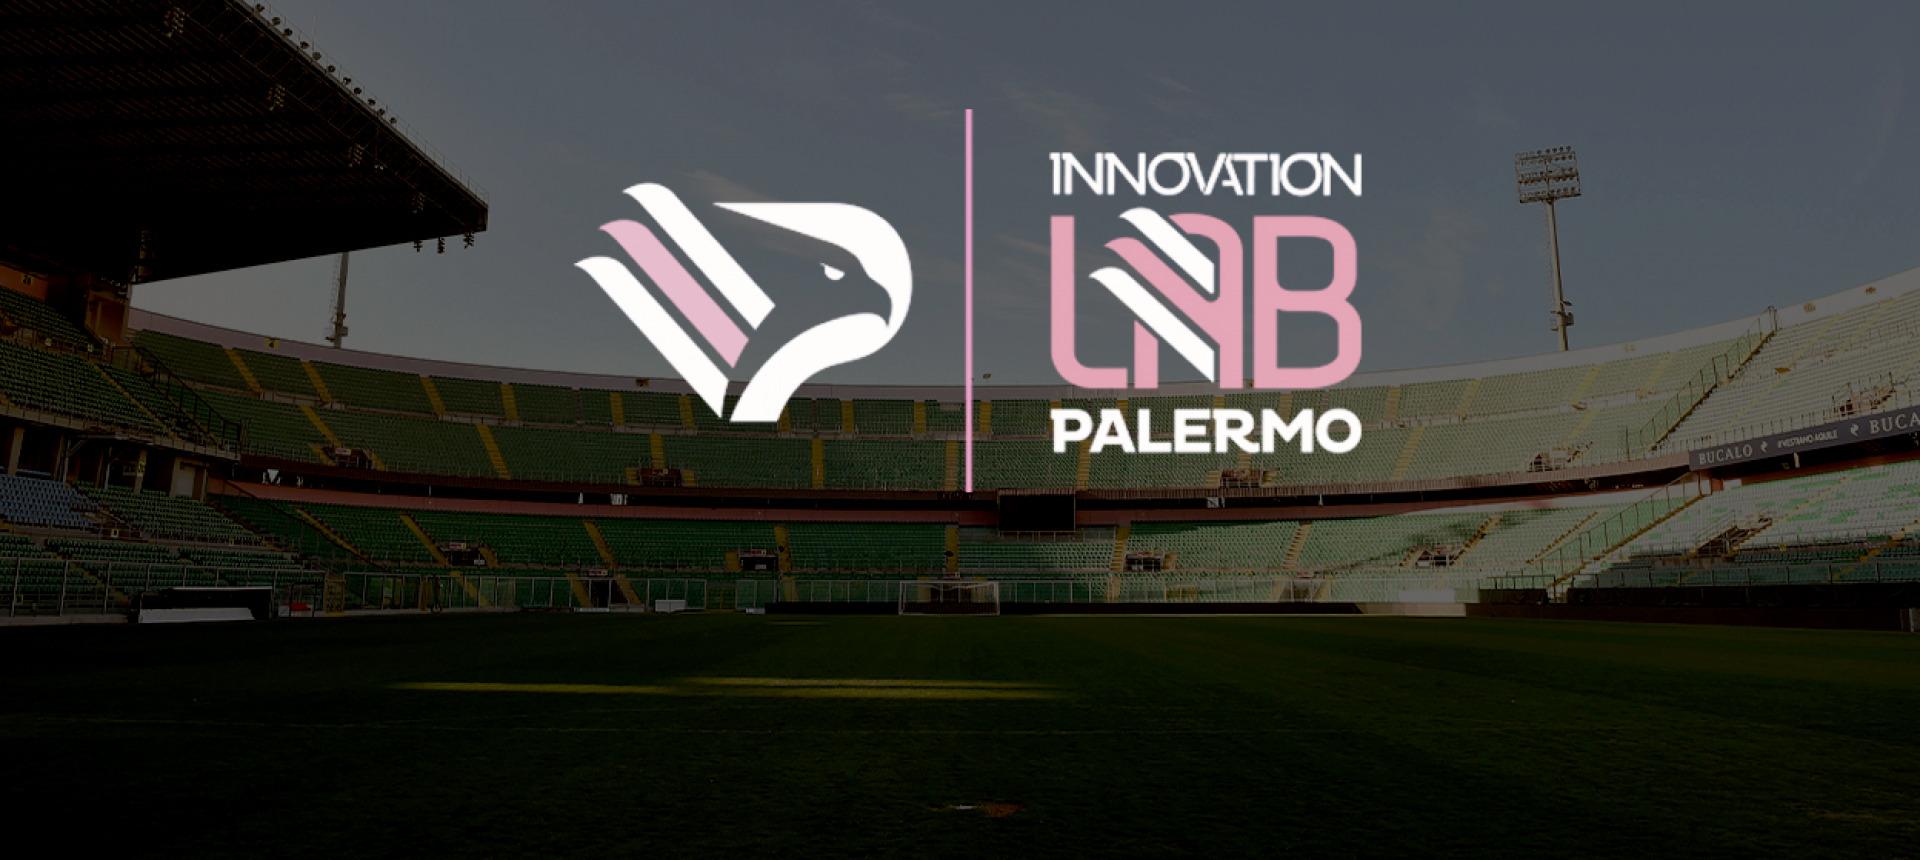 Palermo Innovation Lab: iscrizioni aperte per il Corso in Nutrizione, Preparazione Atletica e Wellness